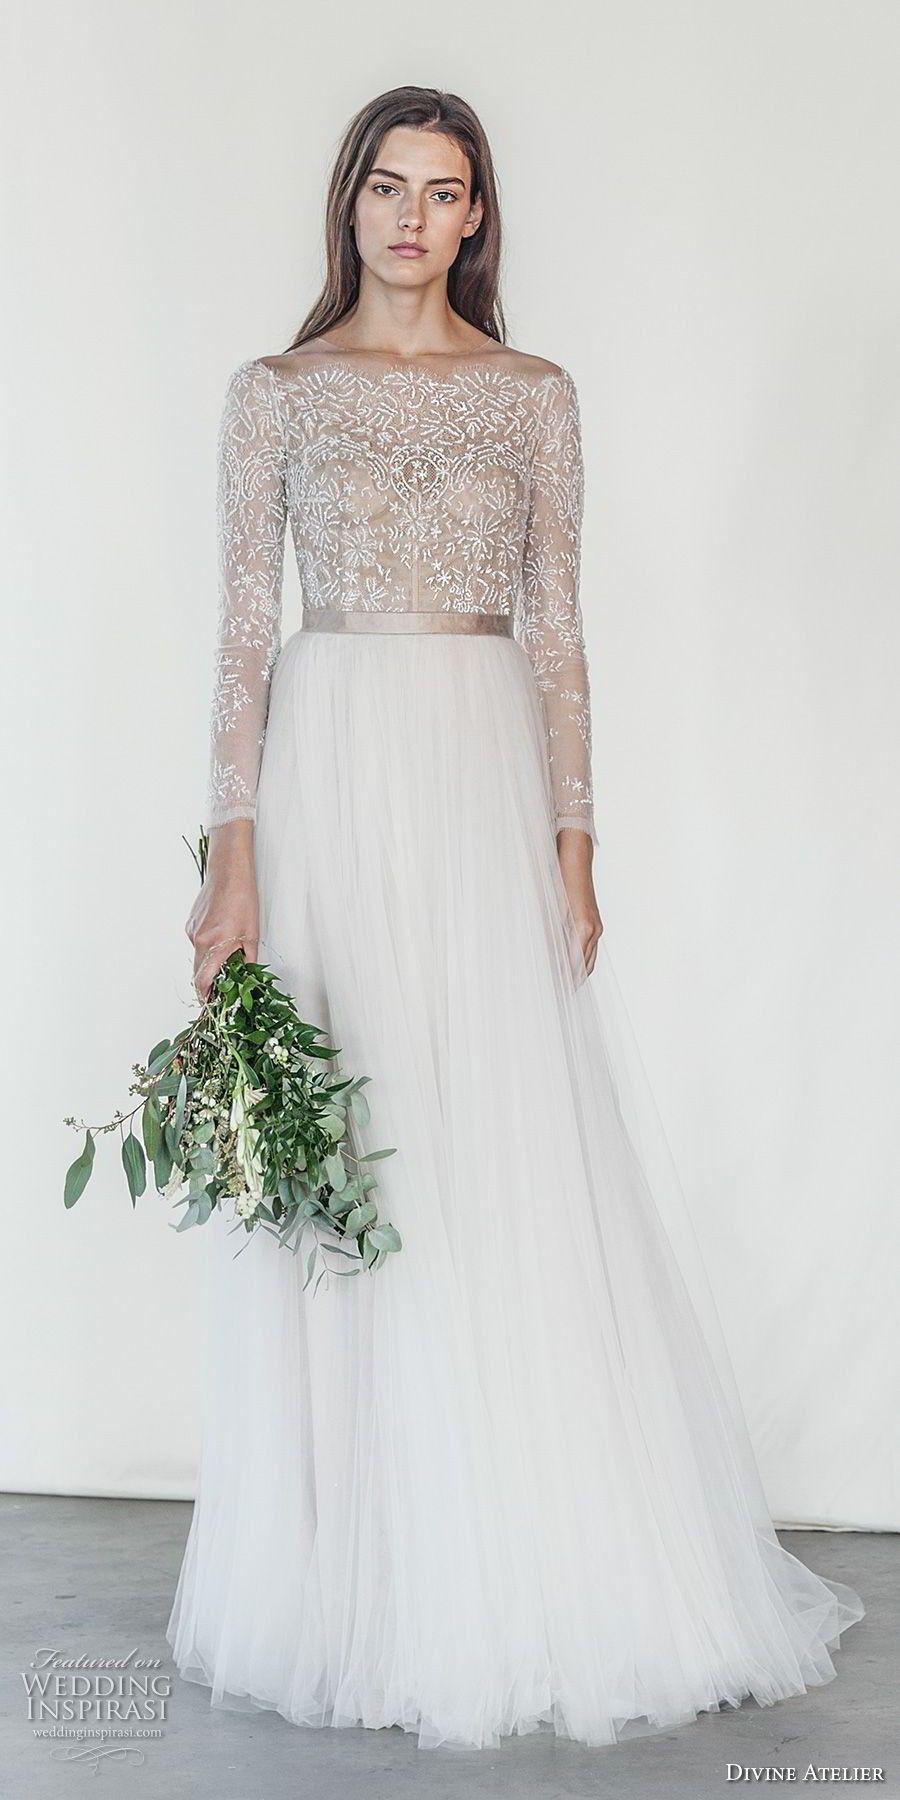 Gottliche Atelier 2018 Brautkleider Atelier Brautstandesamtherbst Brautkleider Gottlich Kleider Hochzeit Hochzeit Kleid Standesamt Brautkleid Spitze